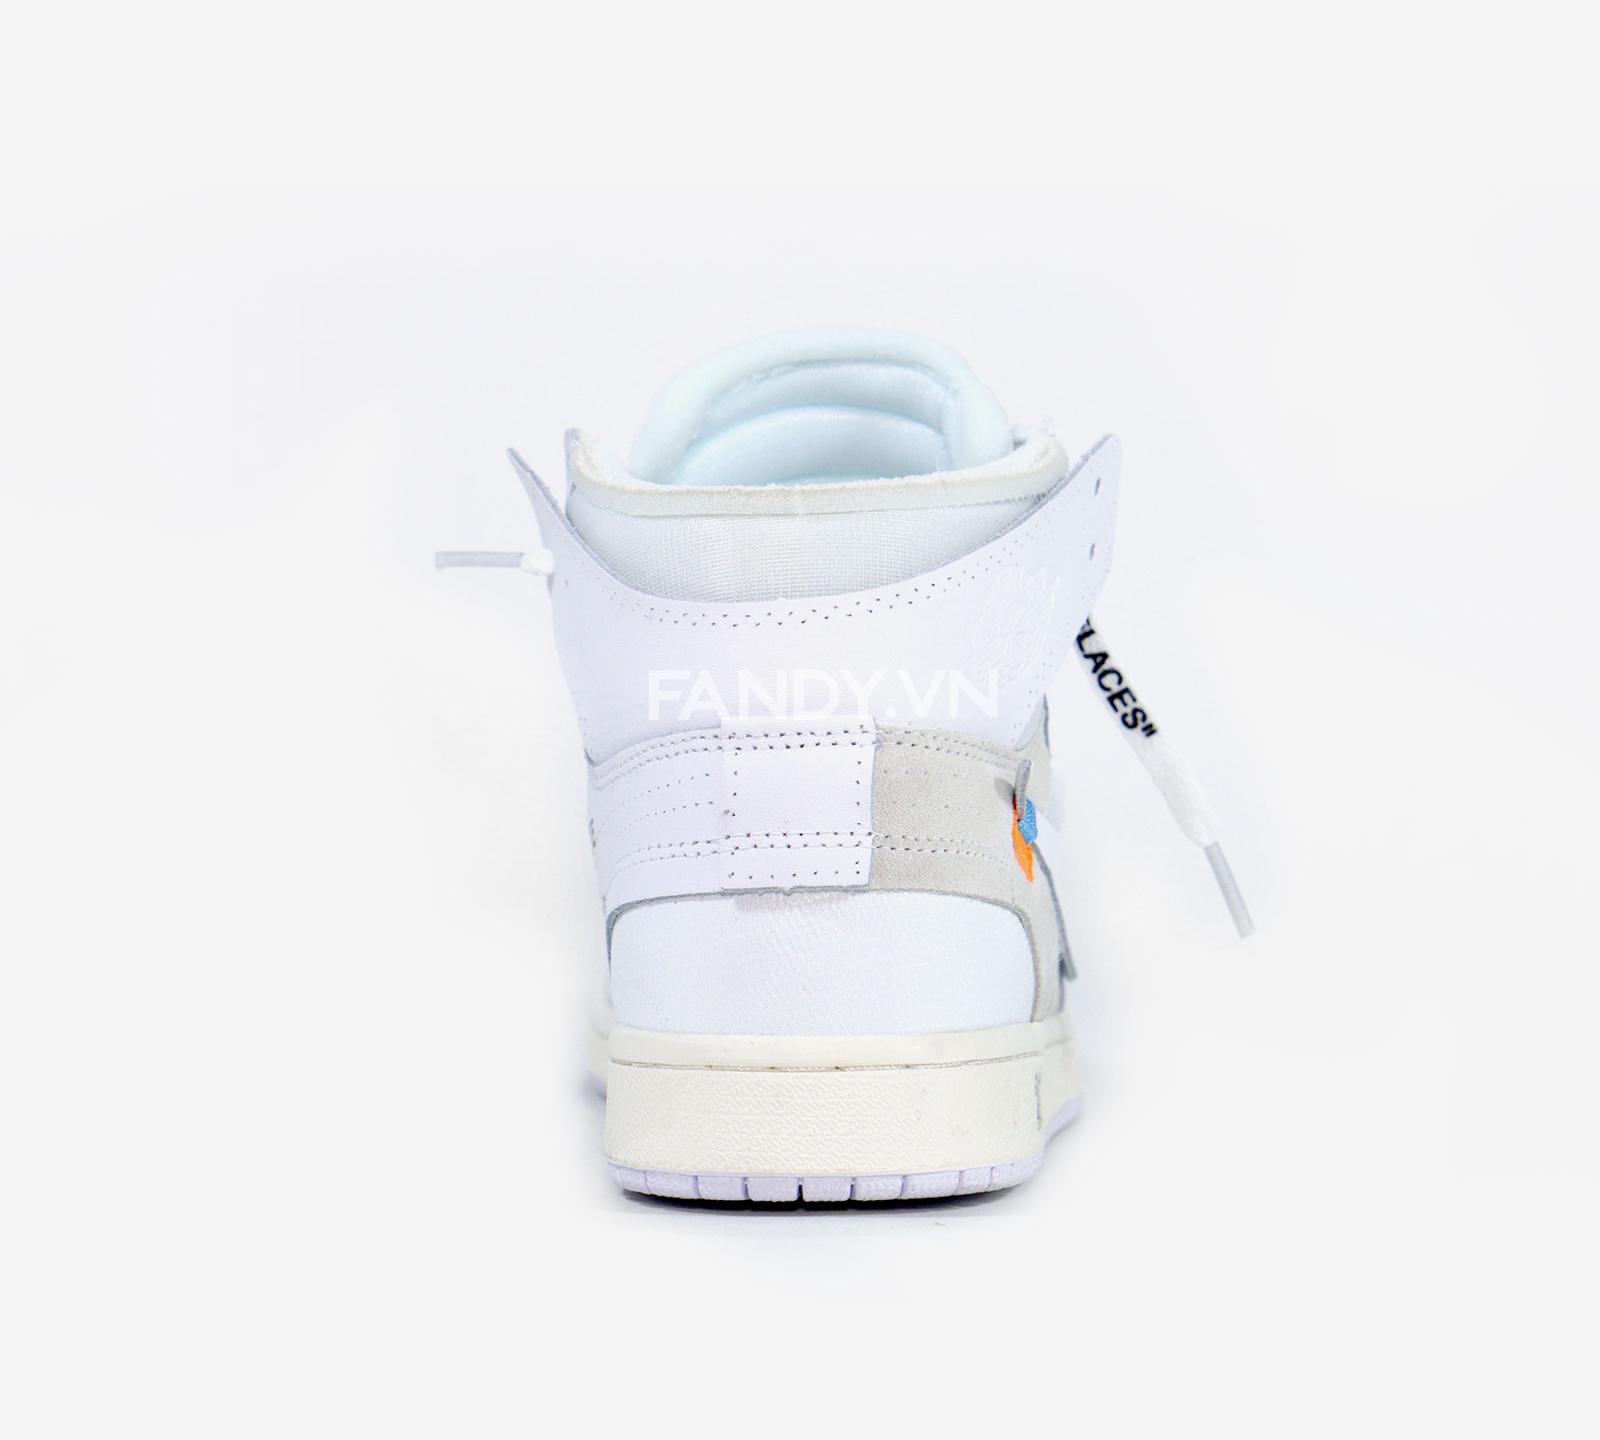 Đôi giày đang được ưa chuộng 2018